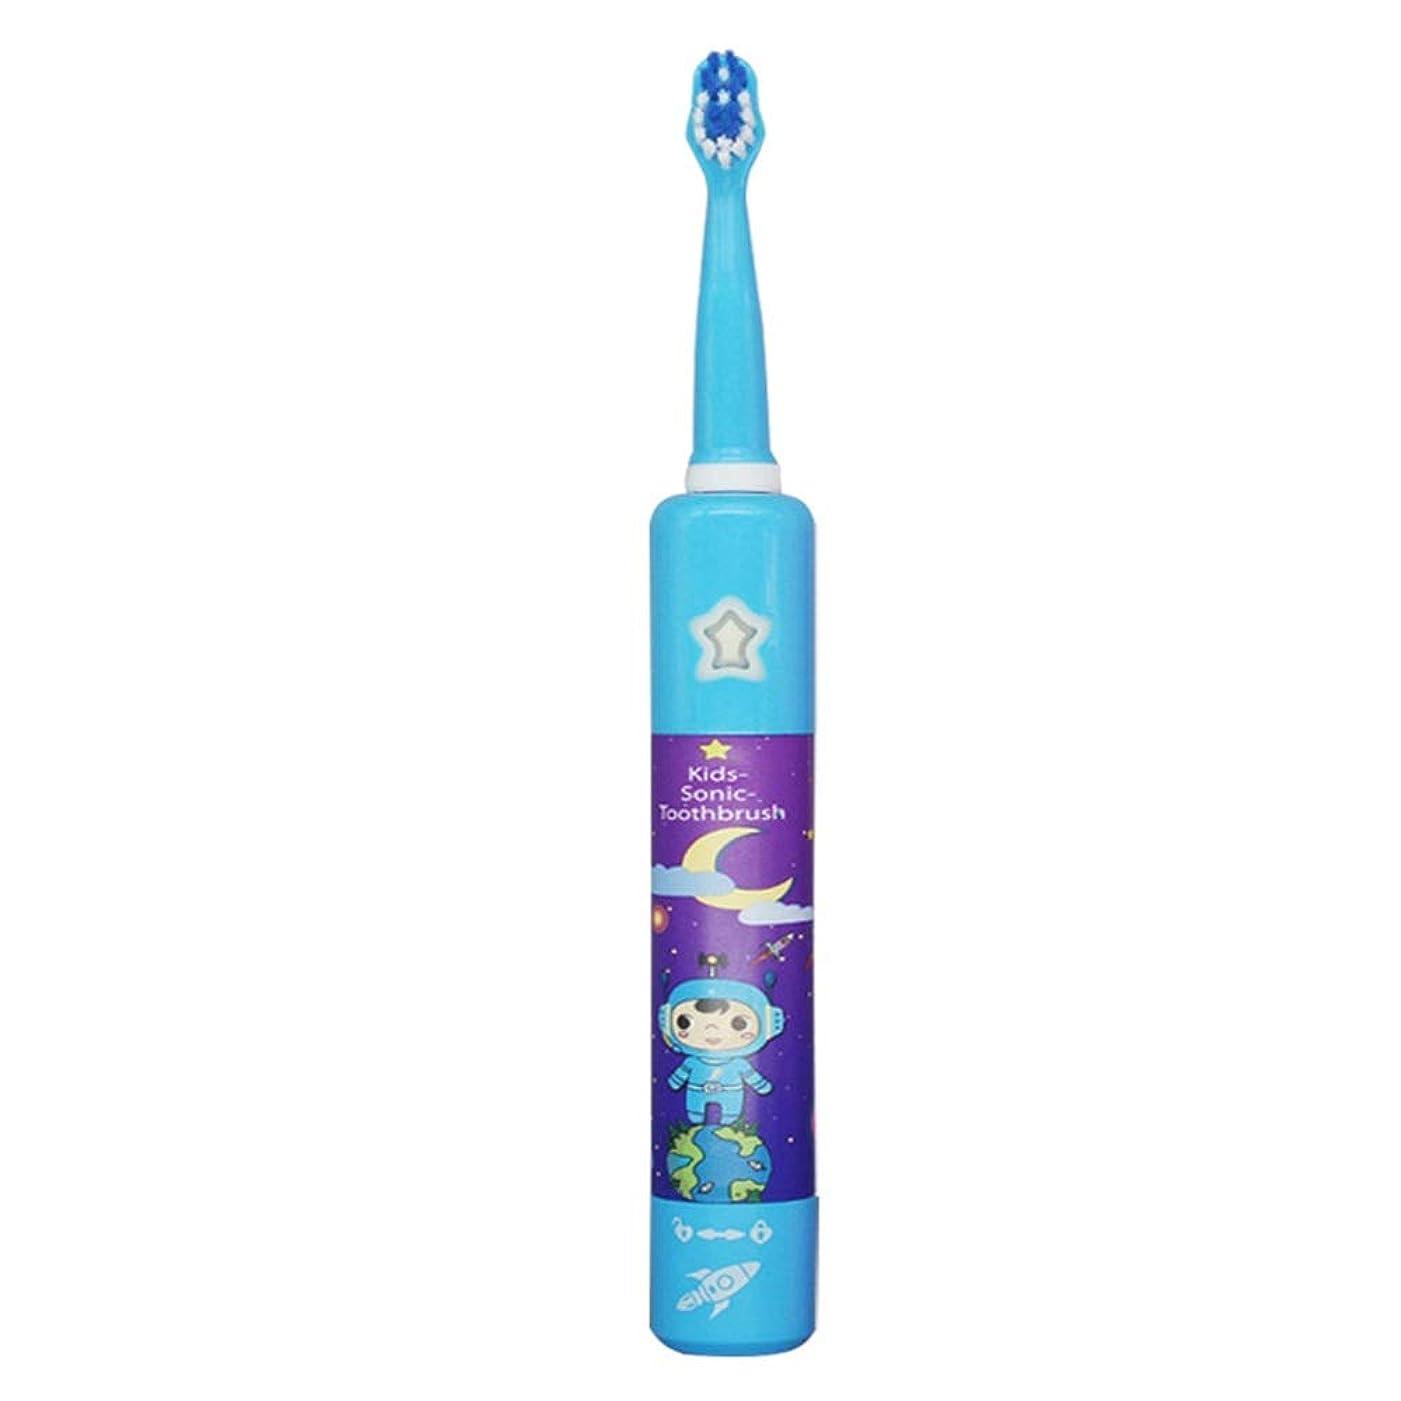 階層忘れるクルー電動歯ブラシ 子供の電動歯ブラシかわいい柔らかい髪音楽歯ブラシホルダーと1つの交換用ヘッドUSB充電式 (色 : 青, サイズ : Free size)